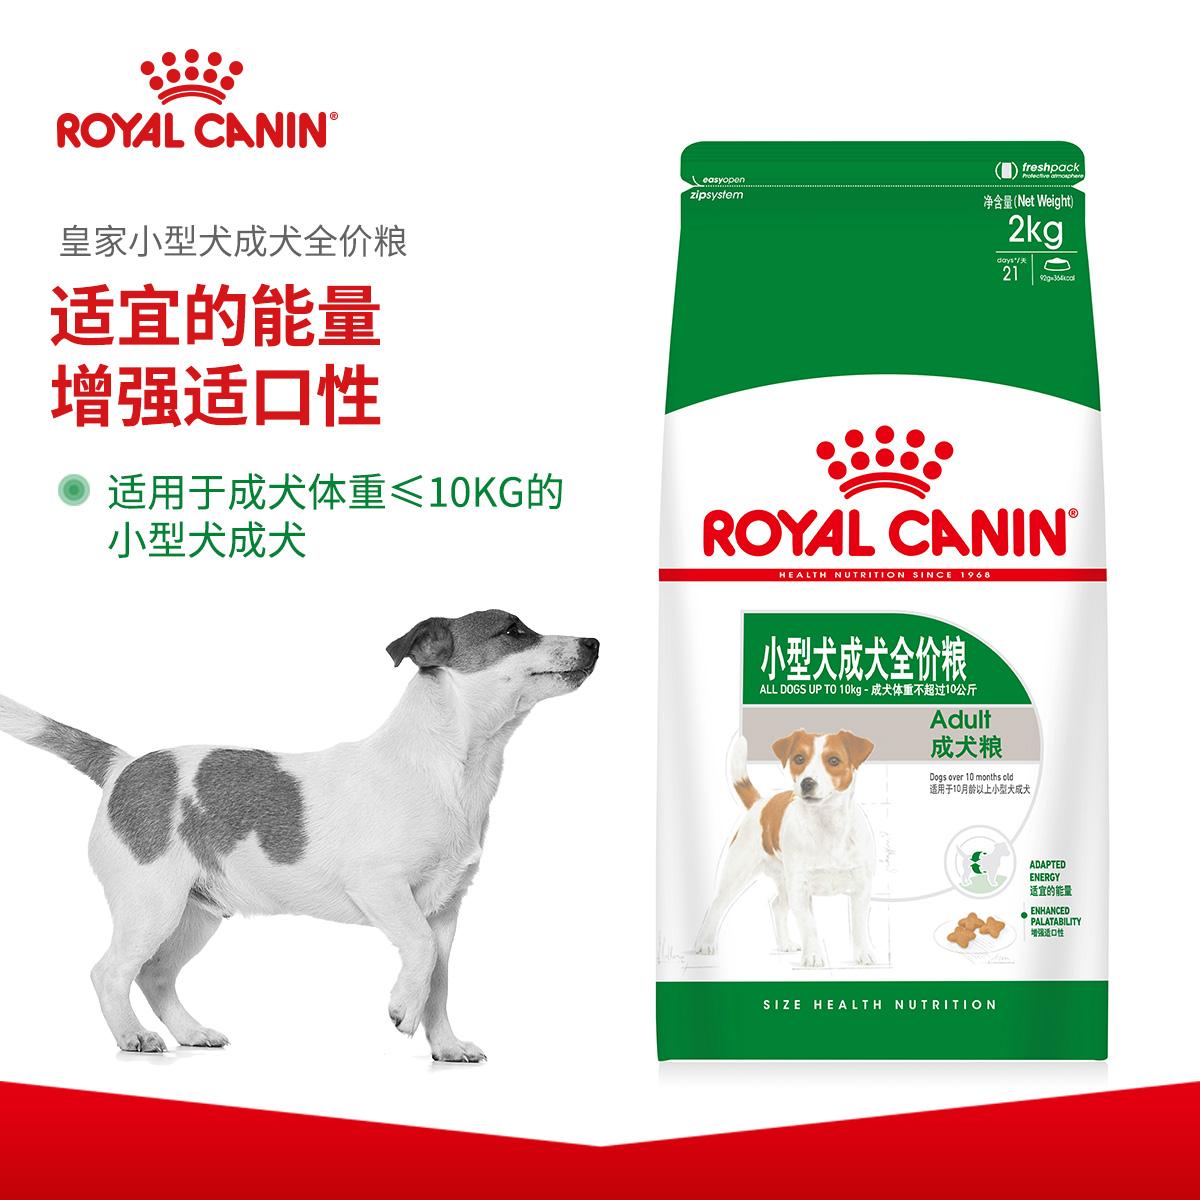 皇家小型犬成犬狗粮泰迪PR27/2KG小鹿犬比熊狗狗通用型全营养配方优惠券